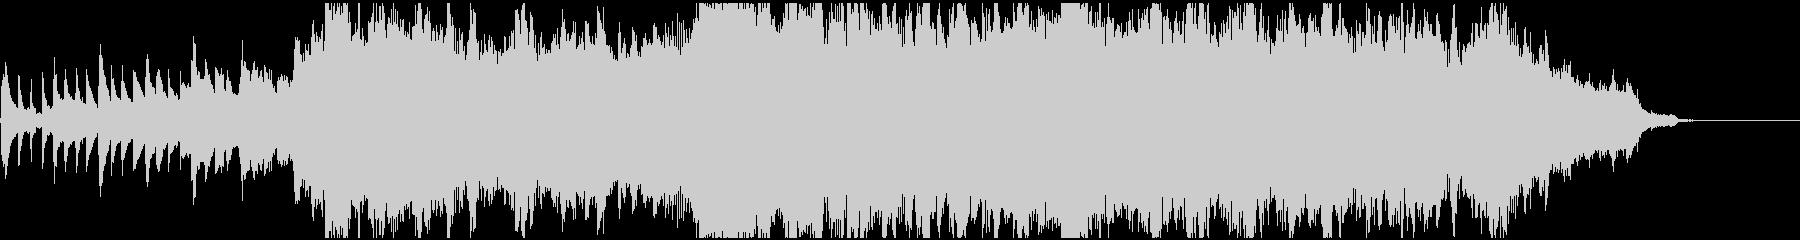 ピアノとオーケストラの感動的オープニングの未再生の波形